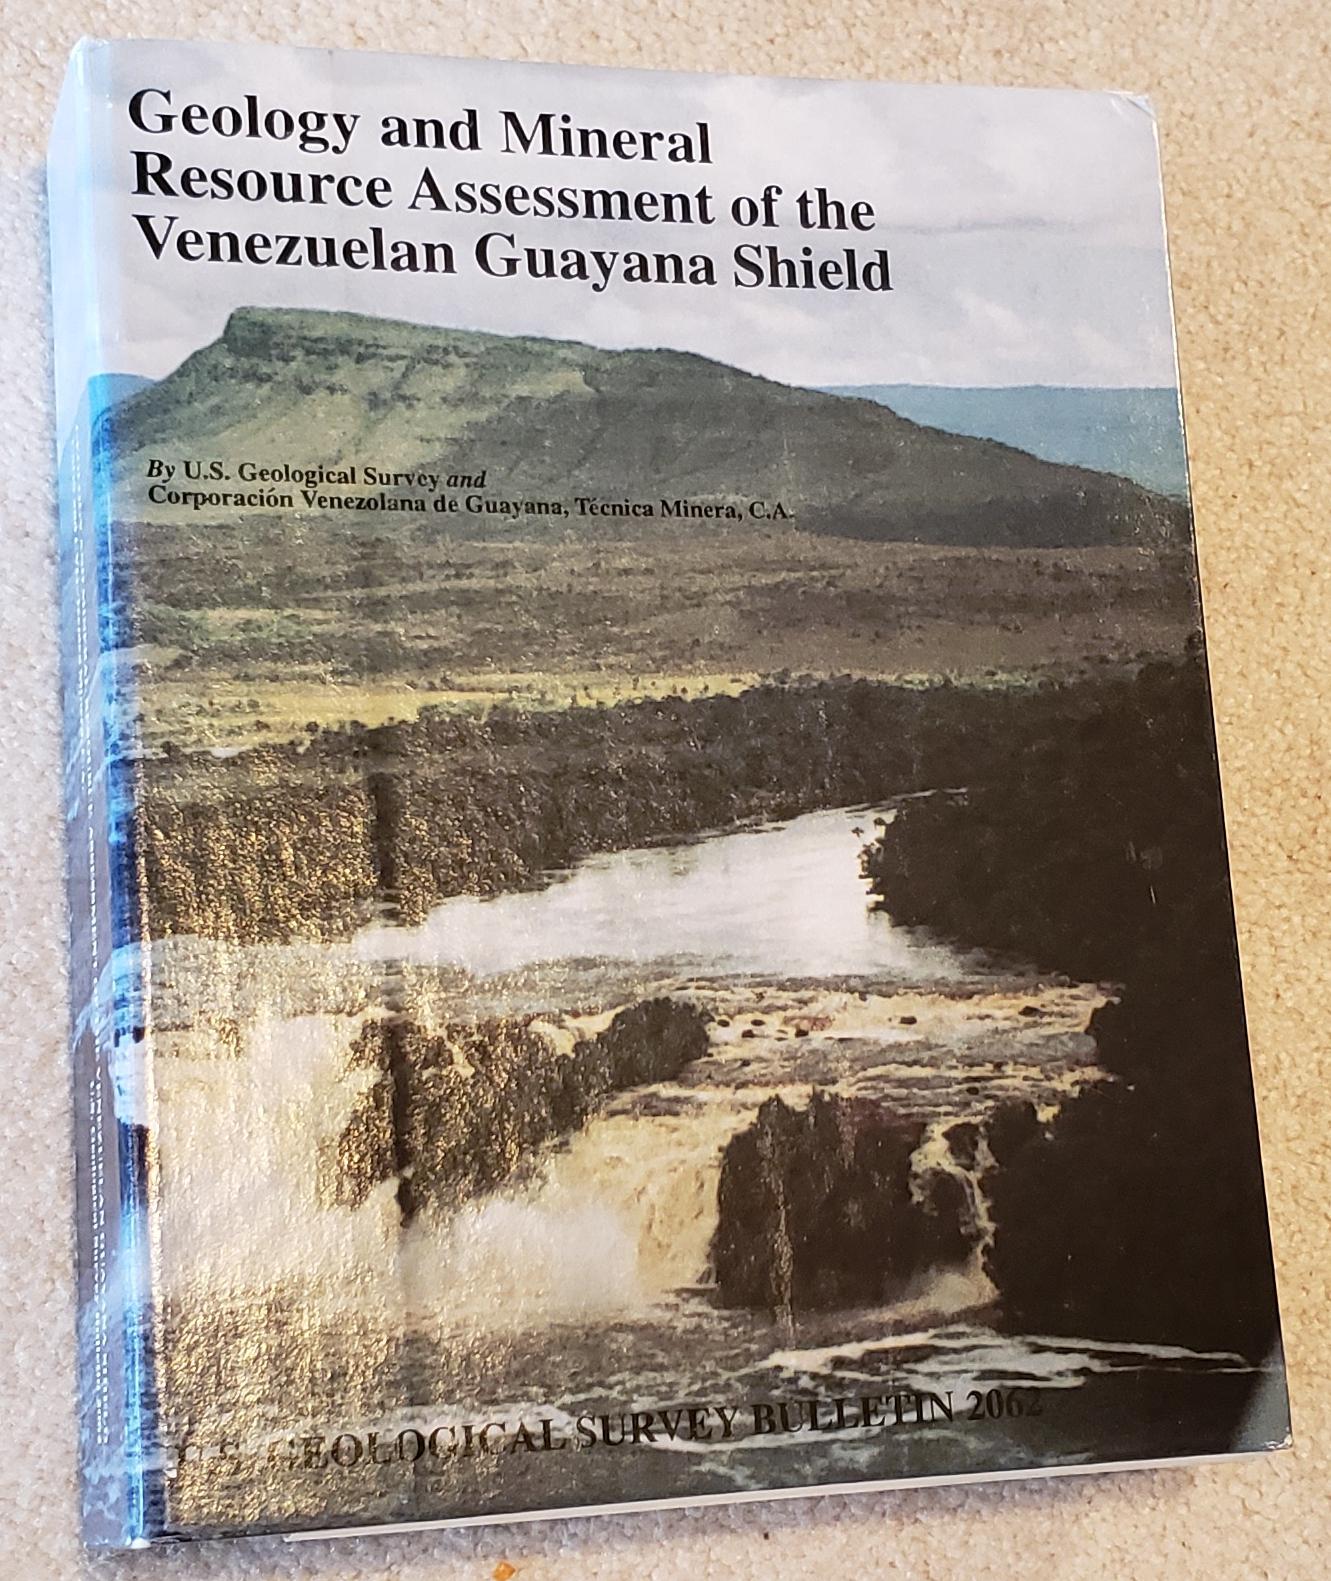 USGS Bulletin 2062